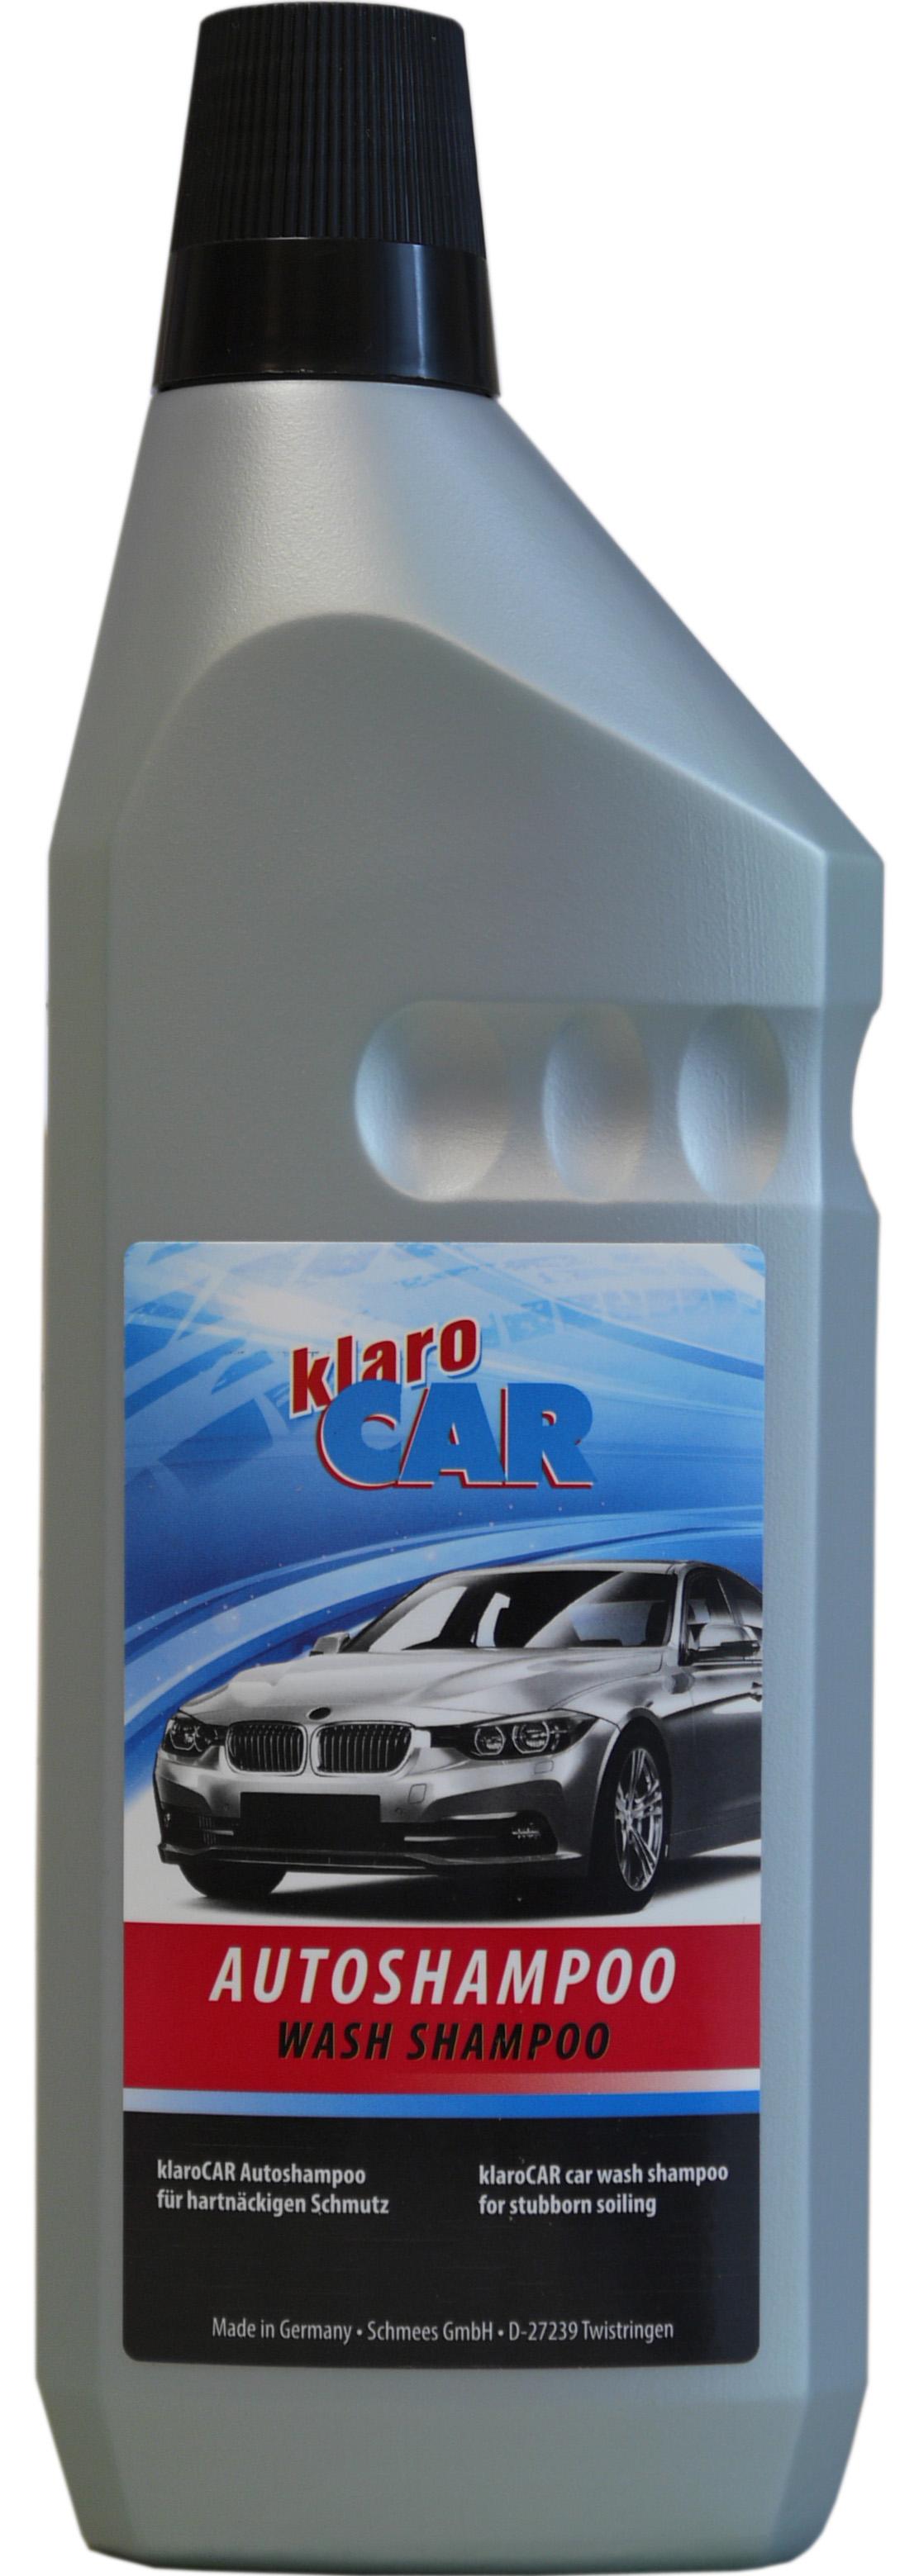 00714 - klaro CAR Autoshampoo 1000 ml